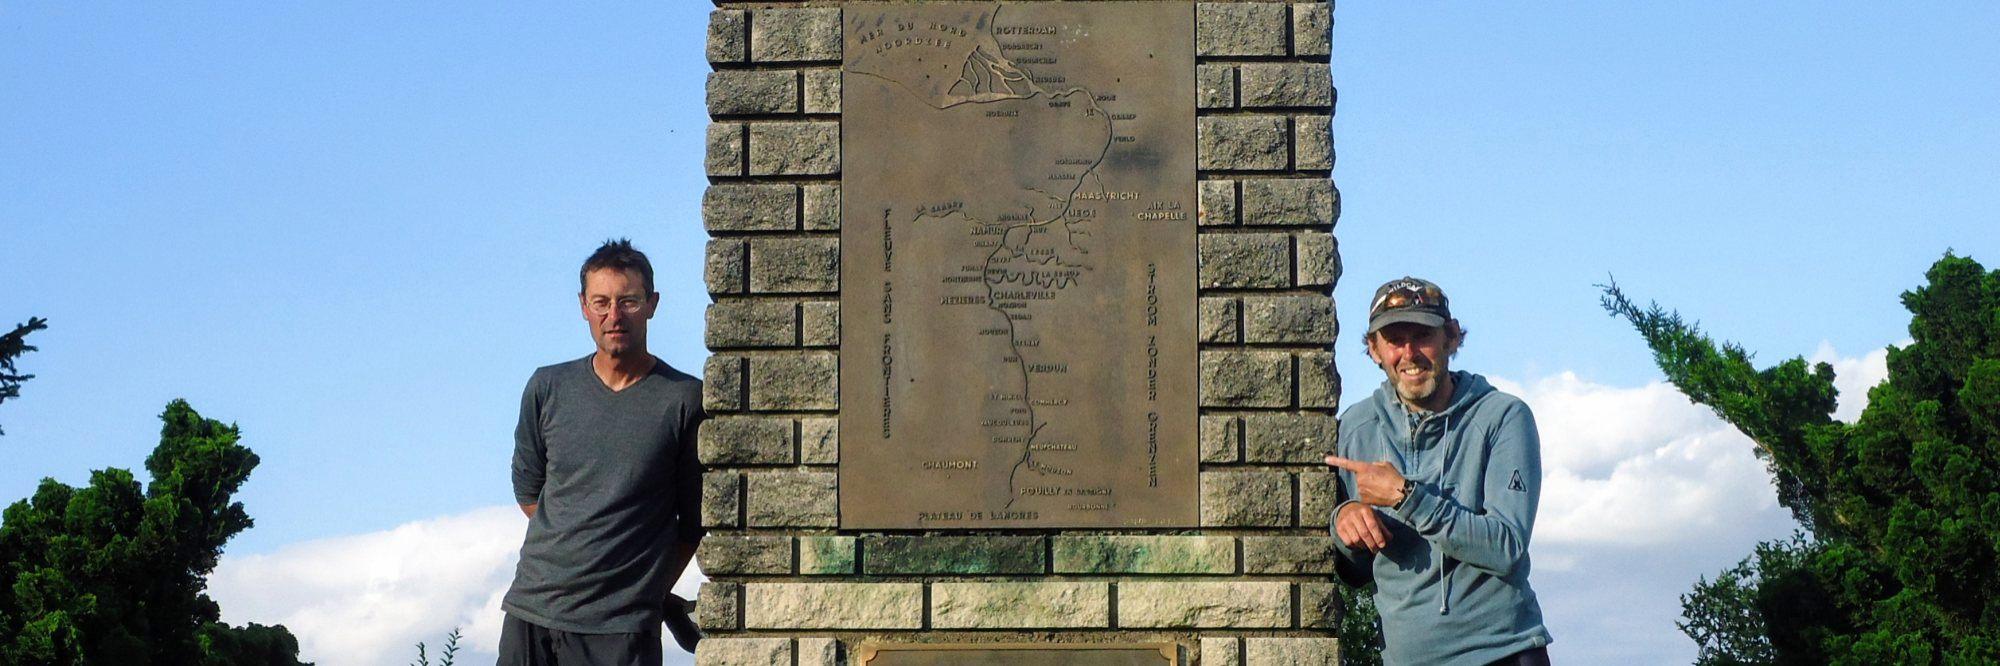 headerfoto bij het monument bij de bron van de Maas